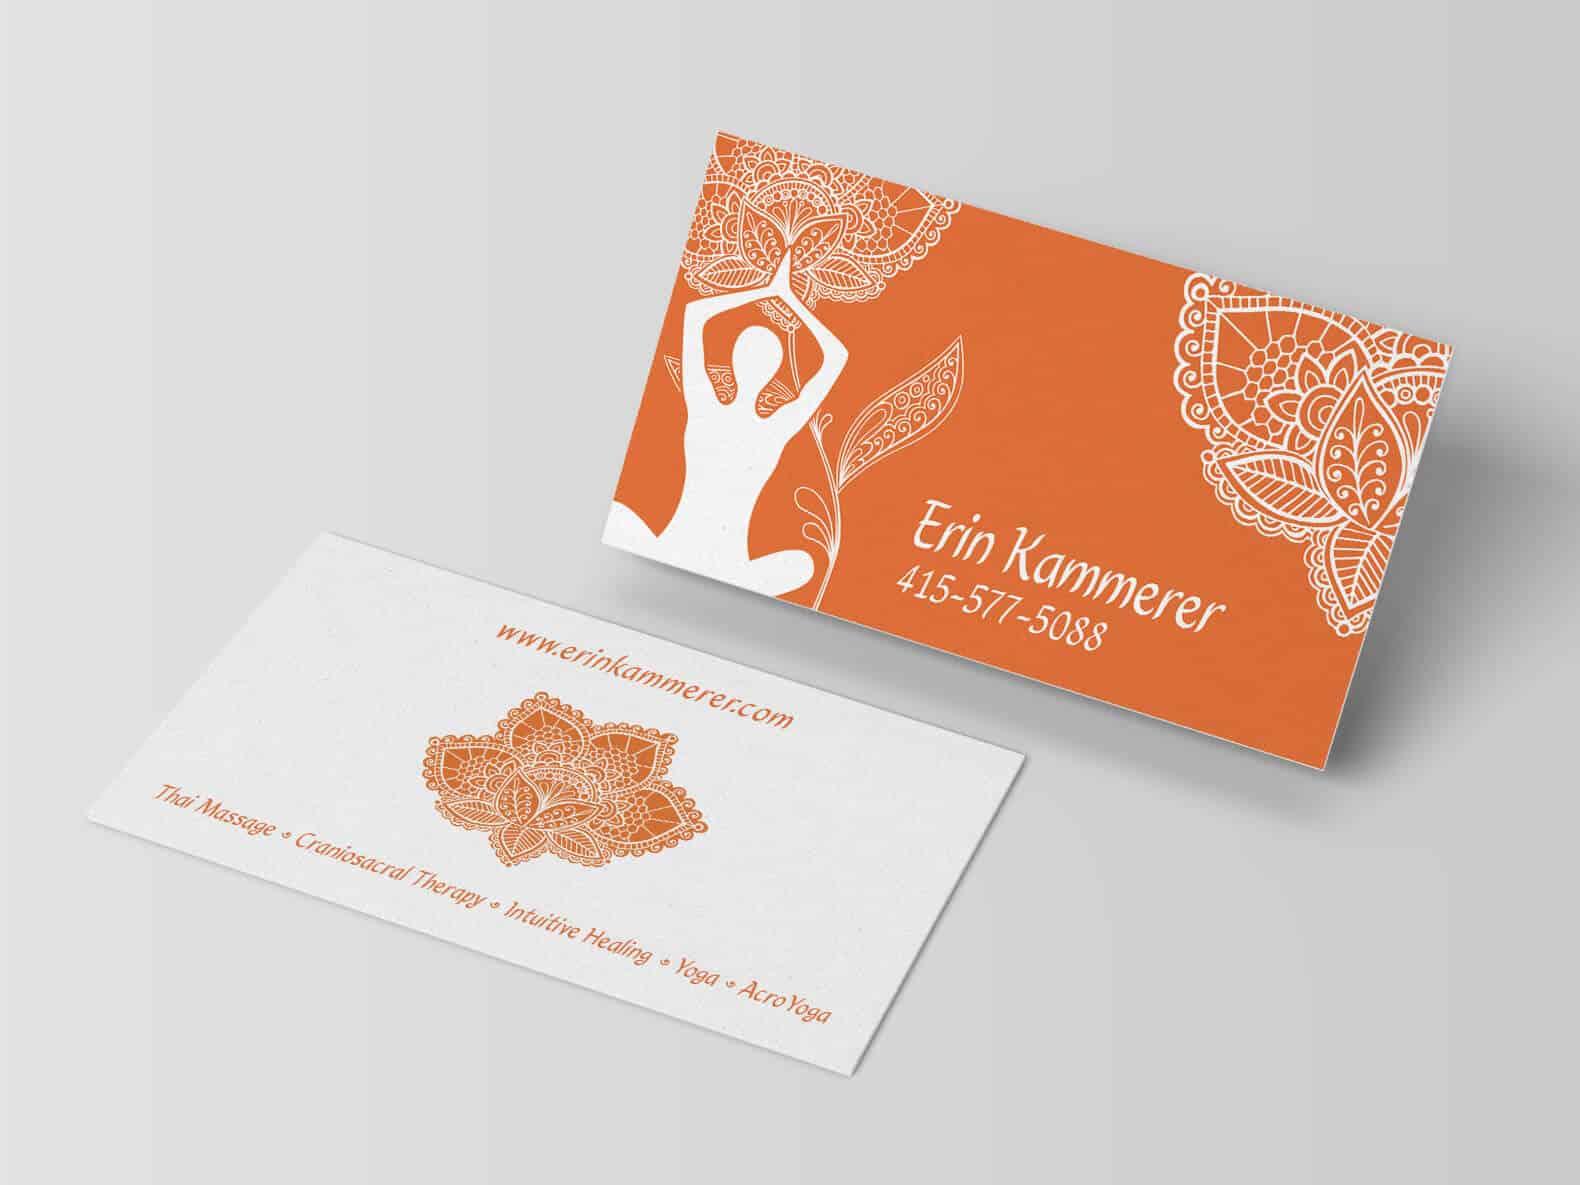 Erin Kammerer – Business Card Design